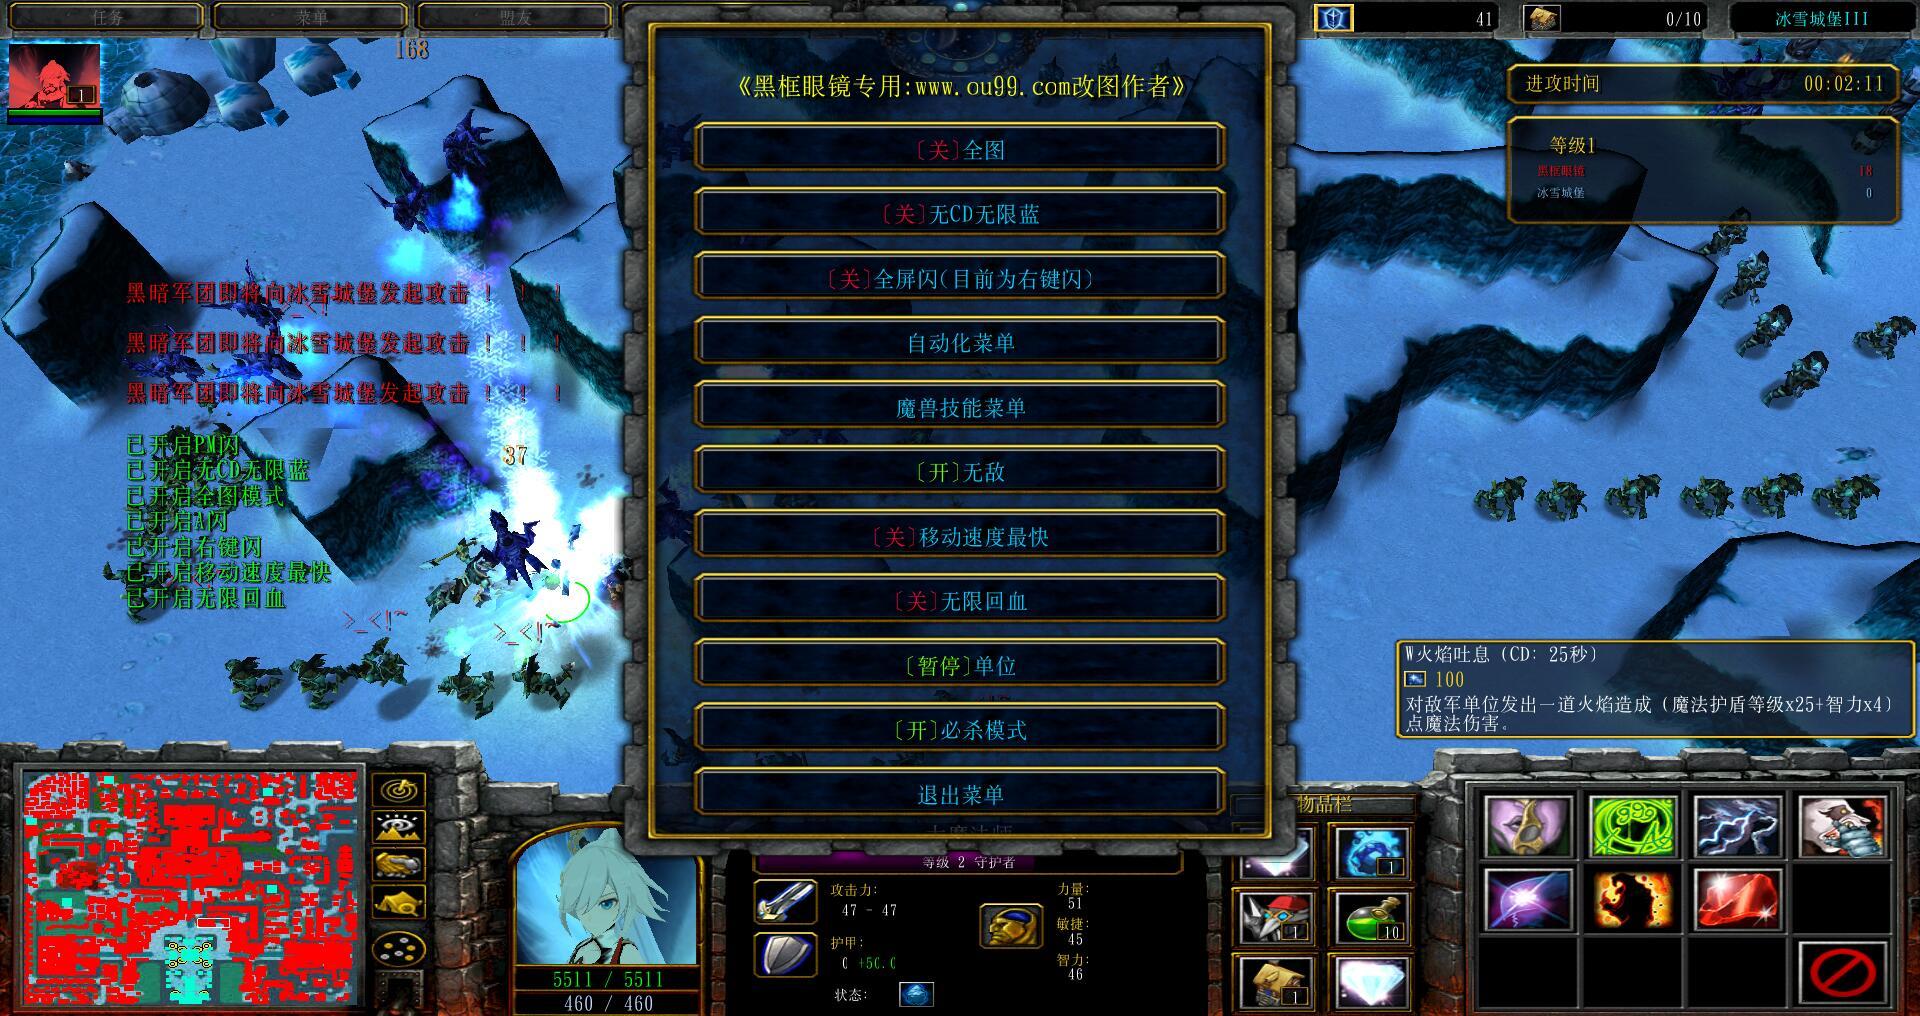 冰雪城堡III1.8.0破解